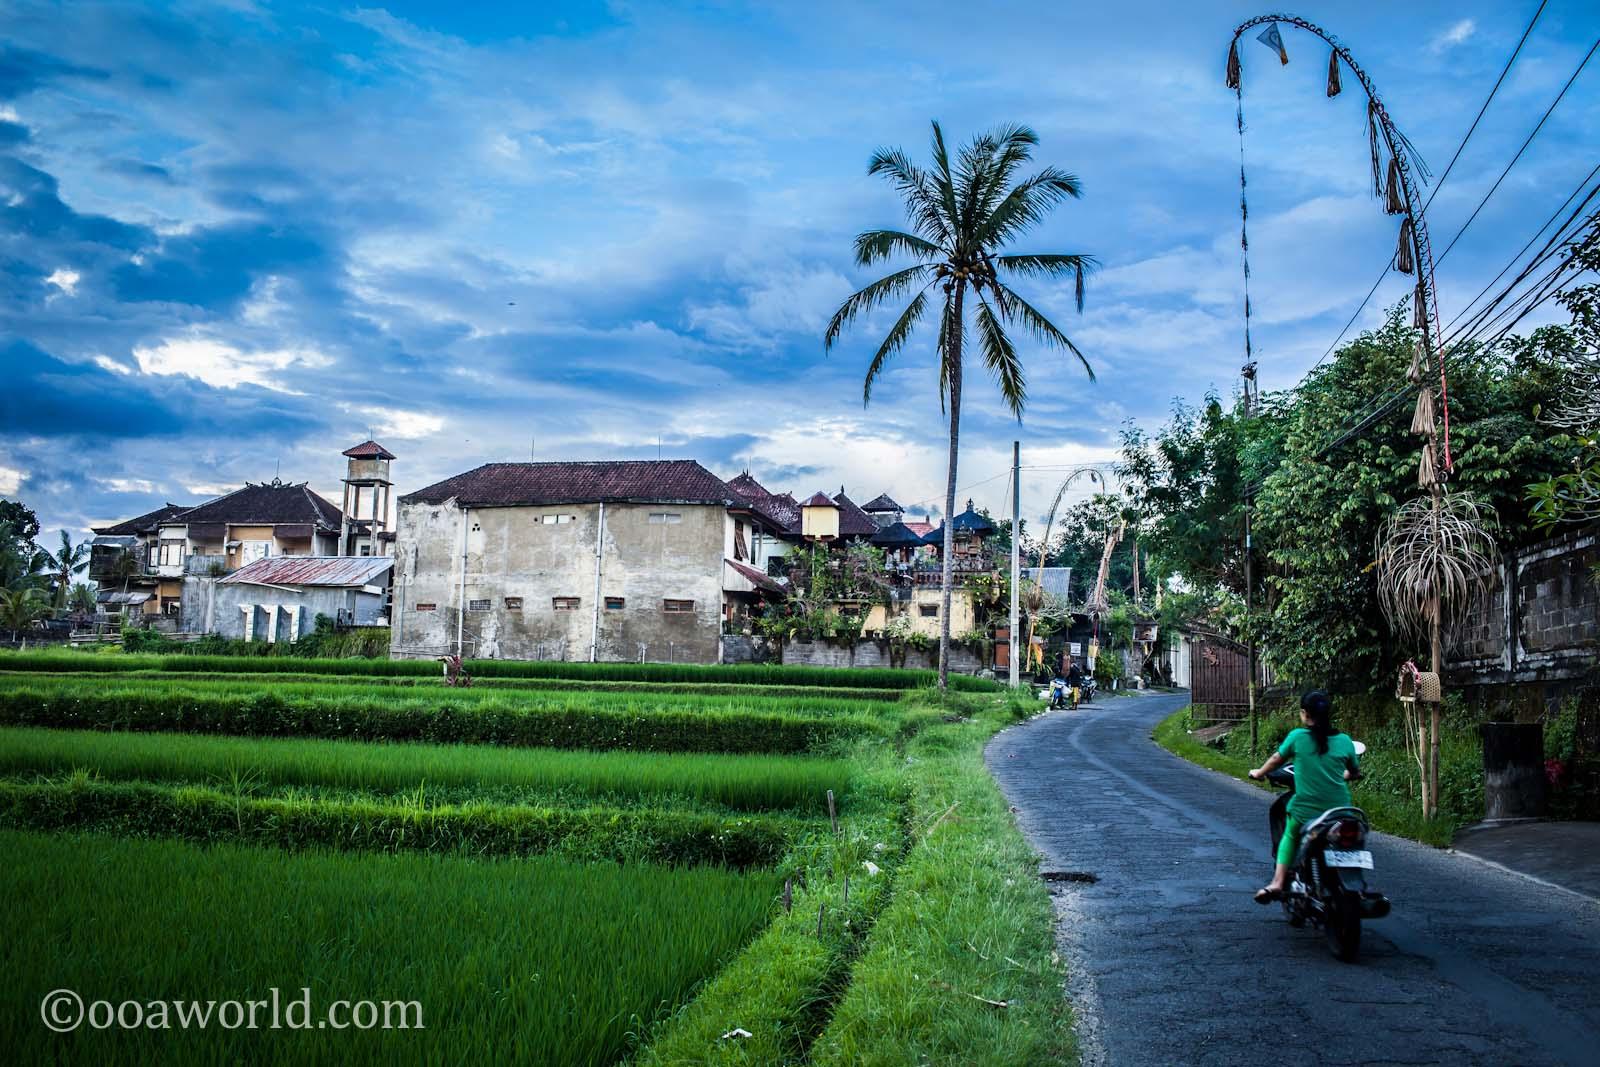 Bali Living Indonesia photo Ooaworld